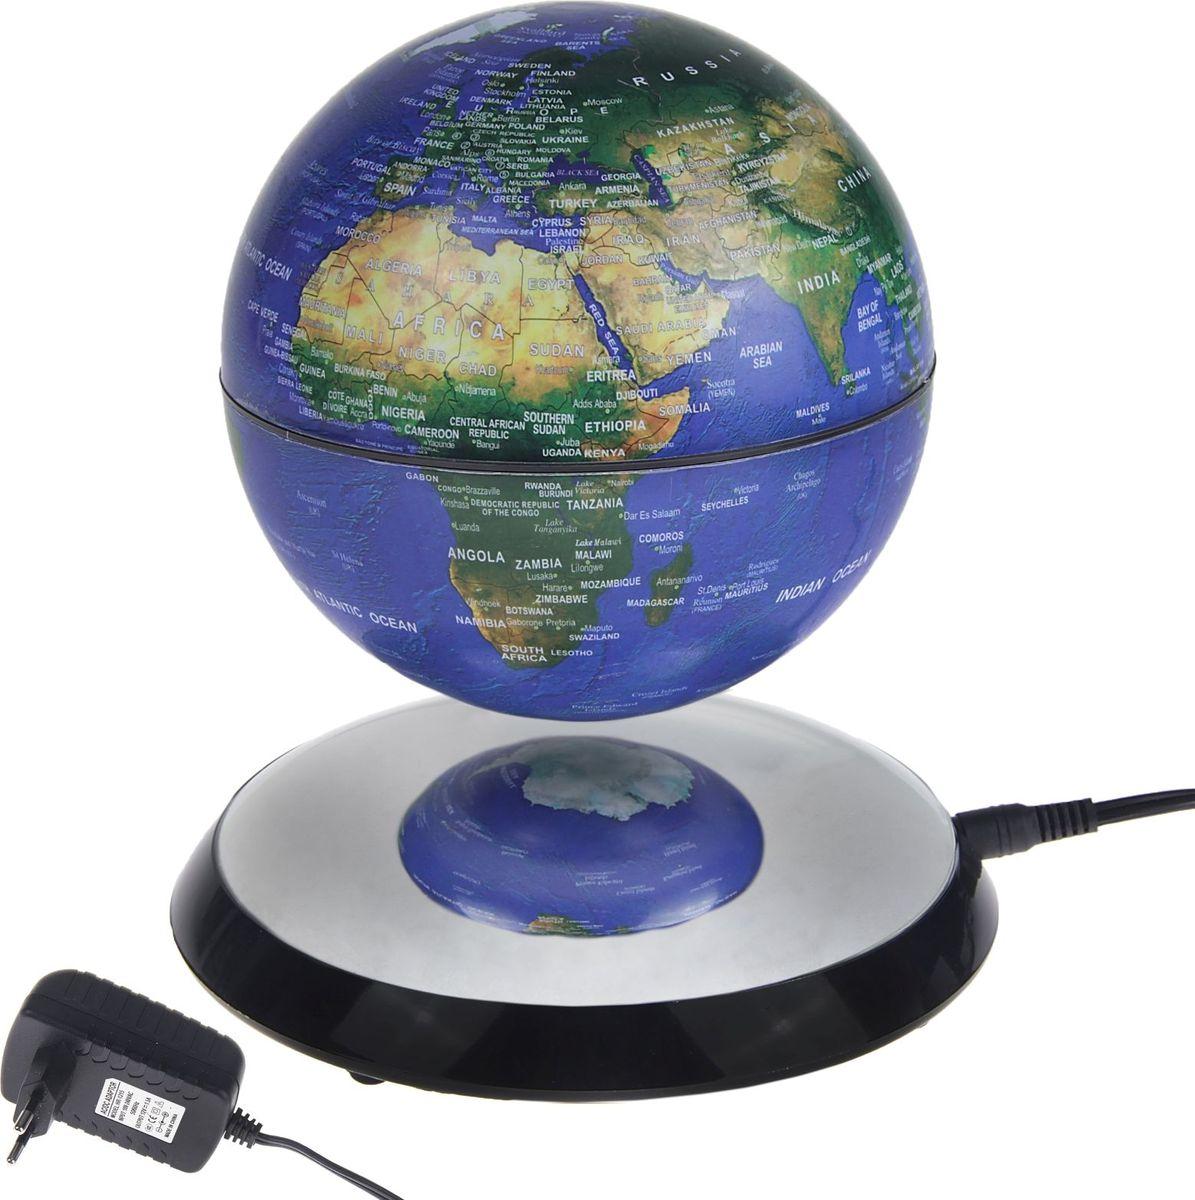 Глобус Политическая карта на английском языке диаметр 10 смFS-00897Глобус сувенирный d=10 см на магнитное поле d=17 см, h=16 см, политическая карта, английский язык, 220 В — это украшение рабочего места и кладезь полезной информации о Земле. С его помощью вы увидите полет планеты в миниатюре. Этот гаджет имеет еще несколько названий: антигравитационный, левитирующий или левитрон. Раскроем секрет этого чуда. В базу встроен электромагнит, а в шар — магнит с противоположным зарядом. В результате сфера зависает в воздухе и вращается вокруг своей оси. Особенности антигравитационного глобуса Поворачивайте шар, пока он парит в воздухе. Это снимает нервное напряжение и помогает отвлечься от рутинной работы. Оригинальная задумка станет вашим источником вдохновения во время умственного процесса.